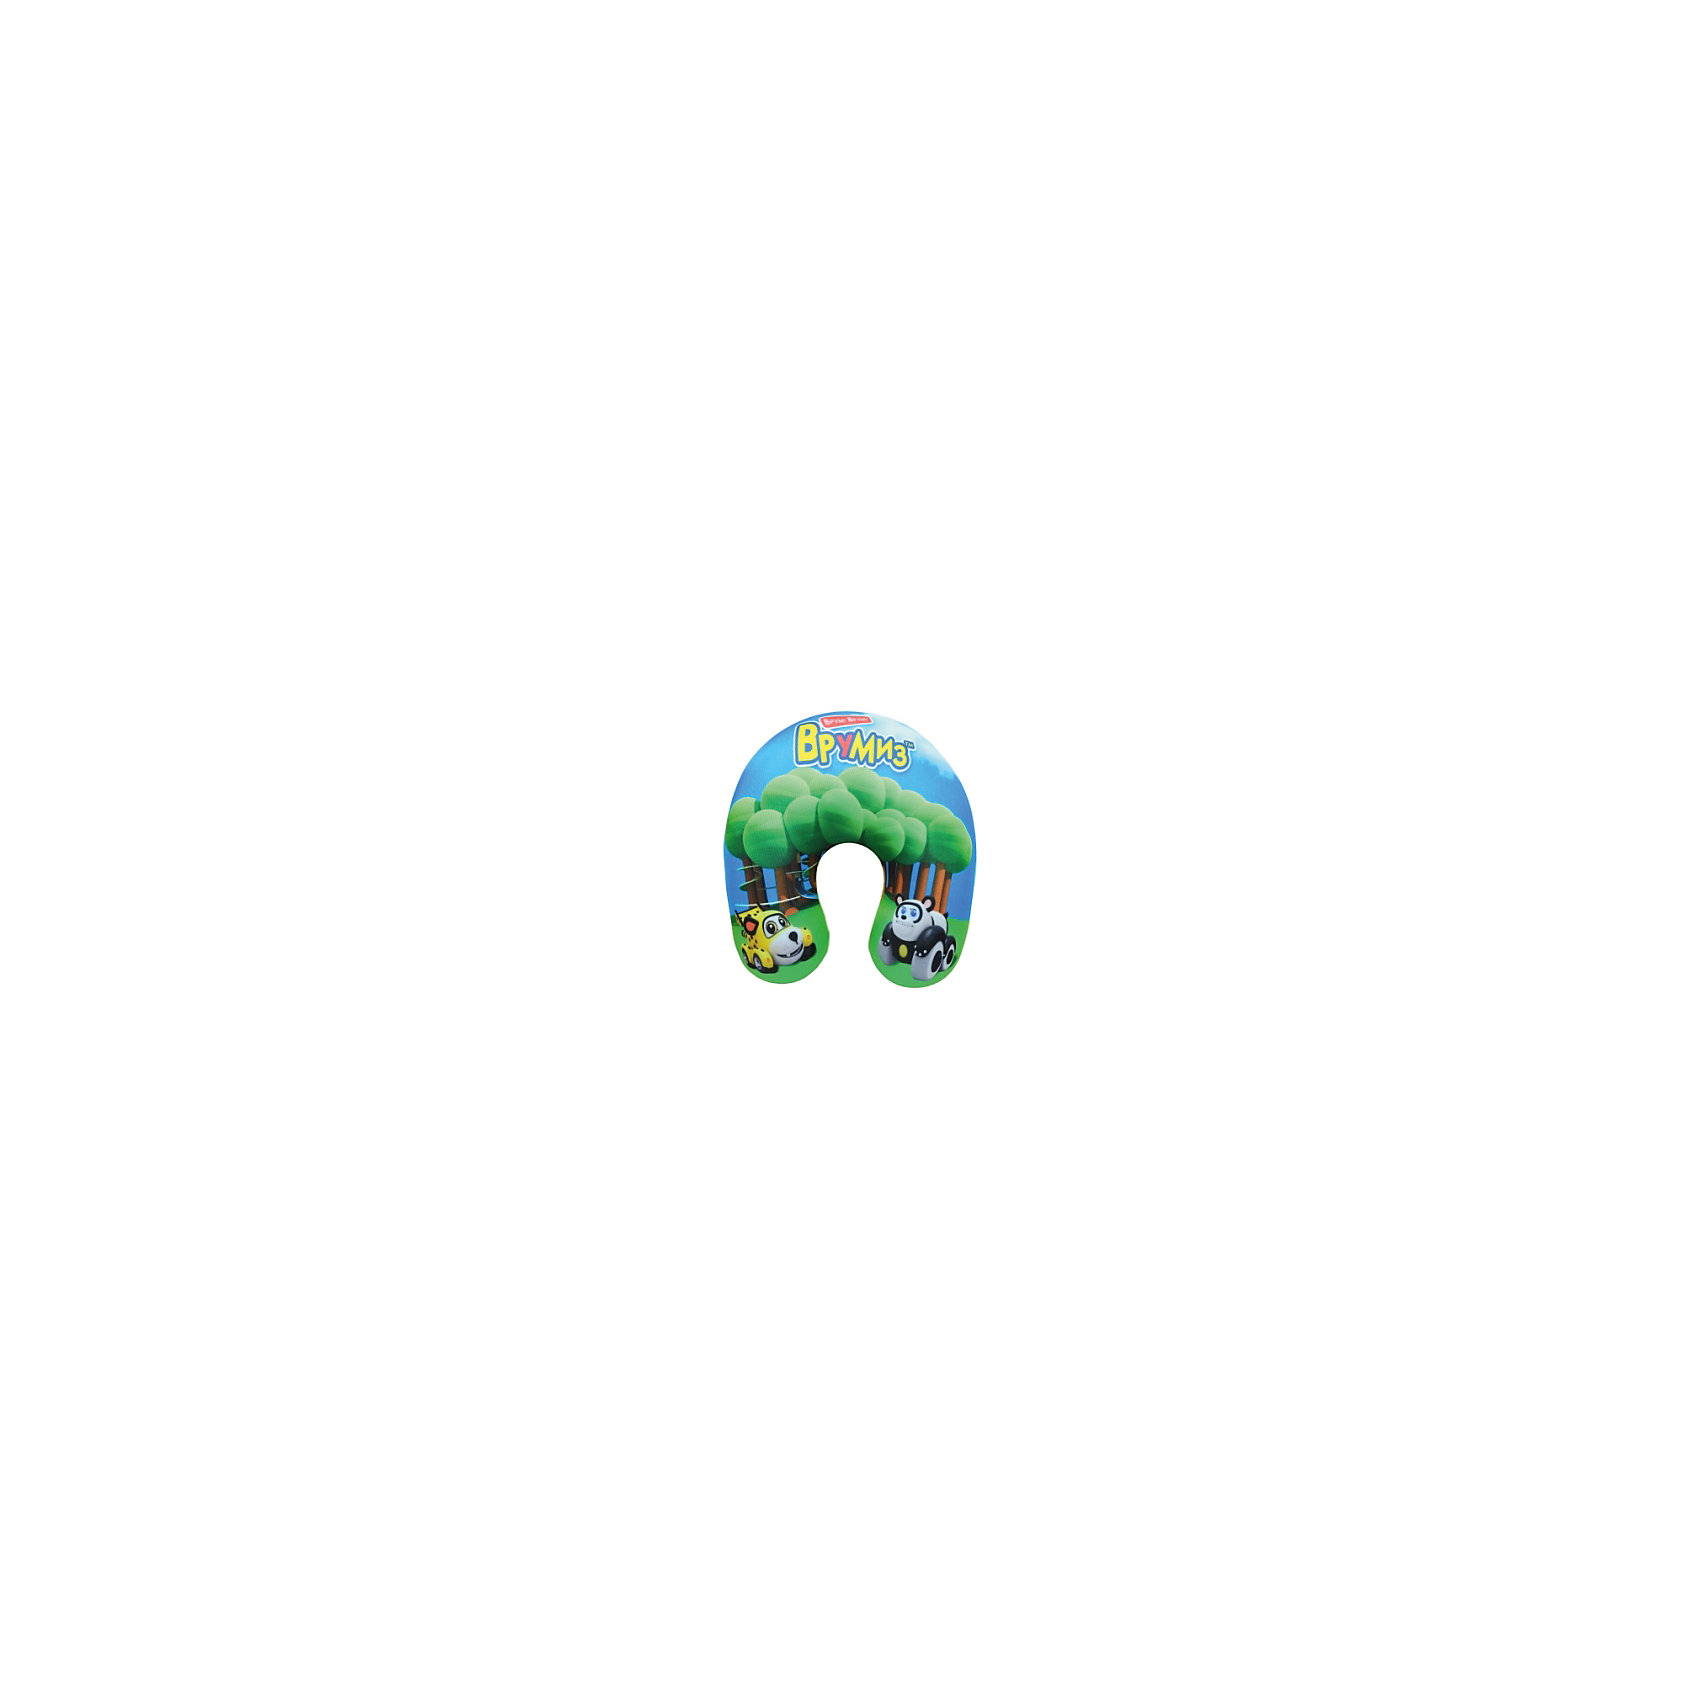 Врумиз Шейная подушка Врумиз врумиз машинка со звуковыми и световыми эффектами спиди врумиз